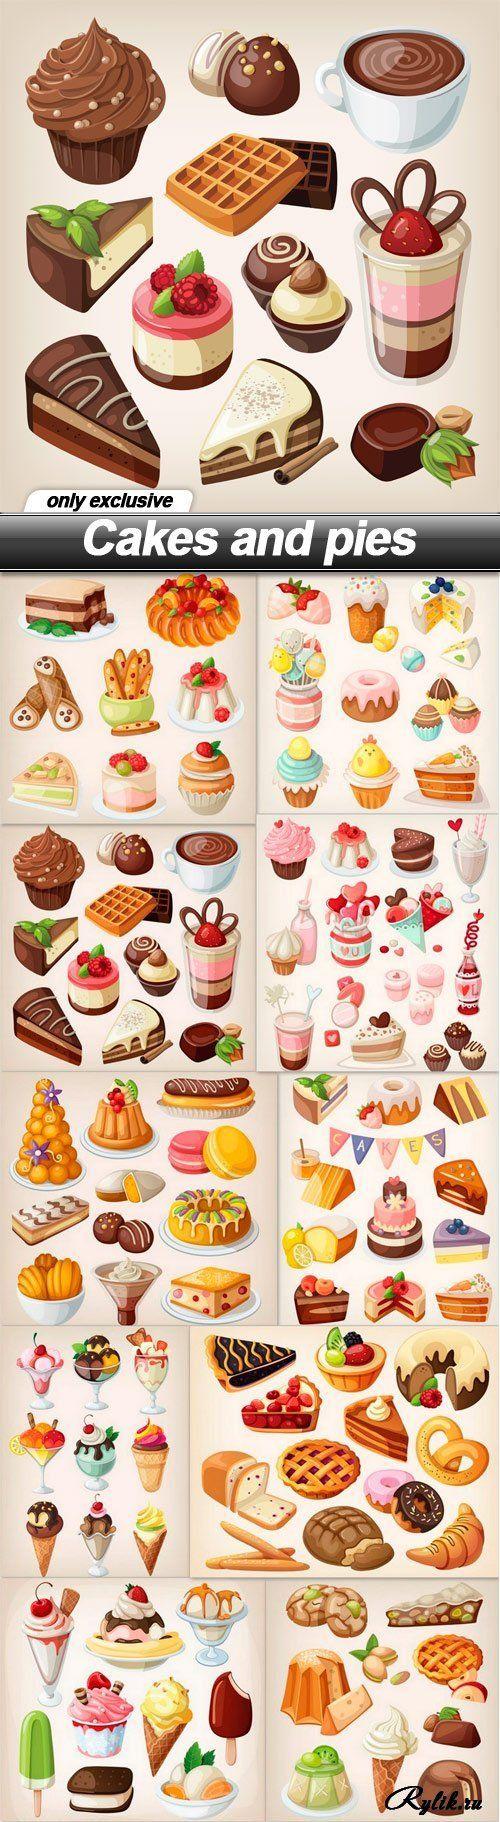 Десерты - торты, мороженое, пирожное, конфеты, печенье